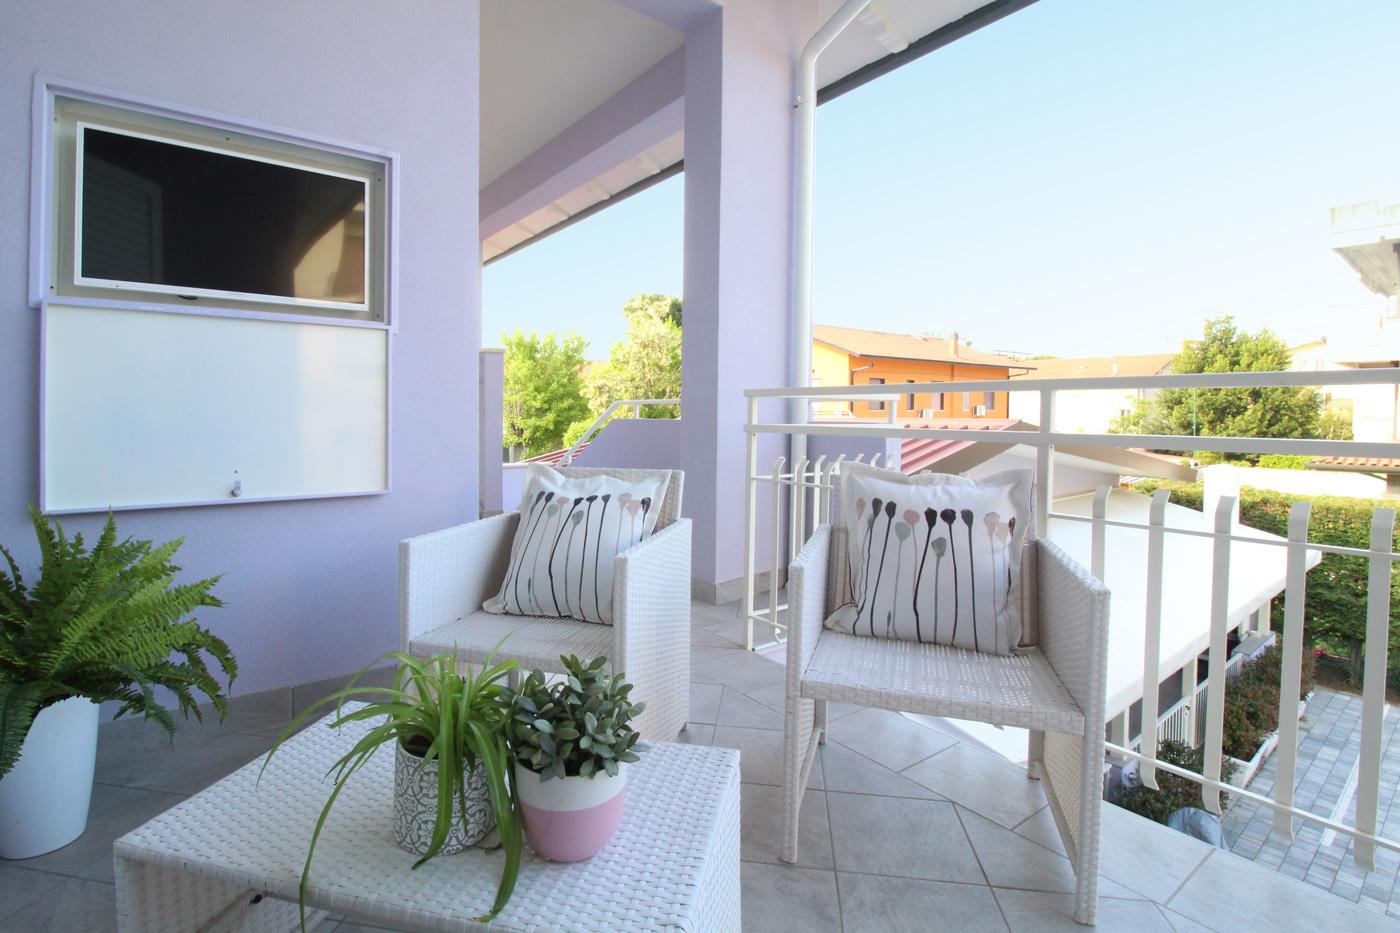 Appartamento Licia_Romagna case vacanze_IMG_7422